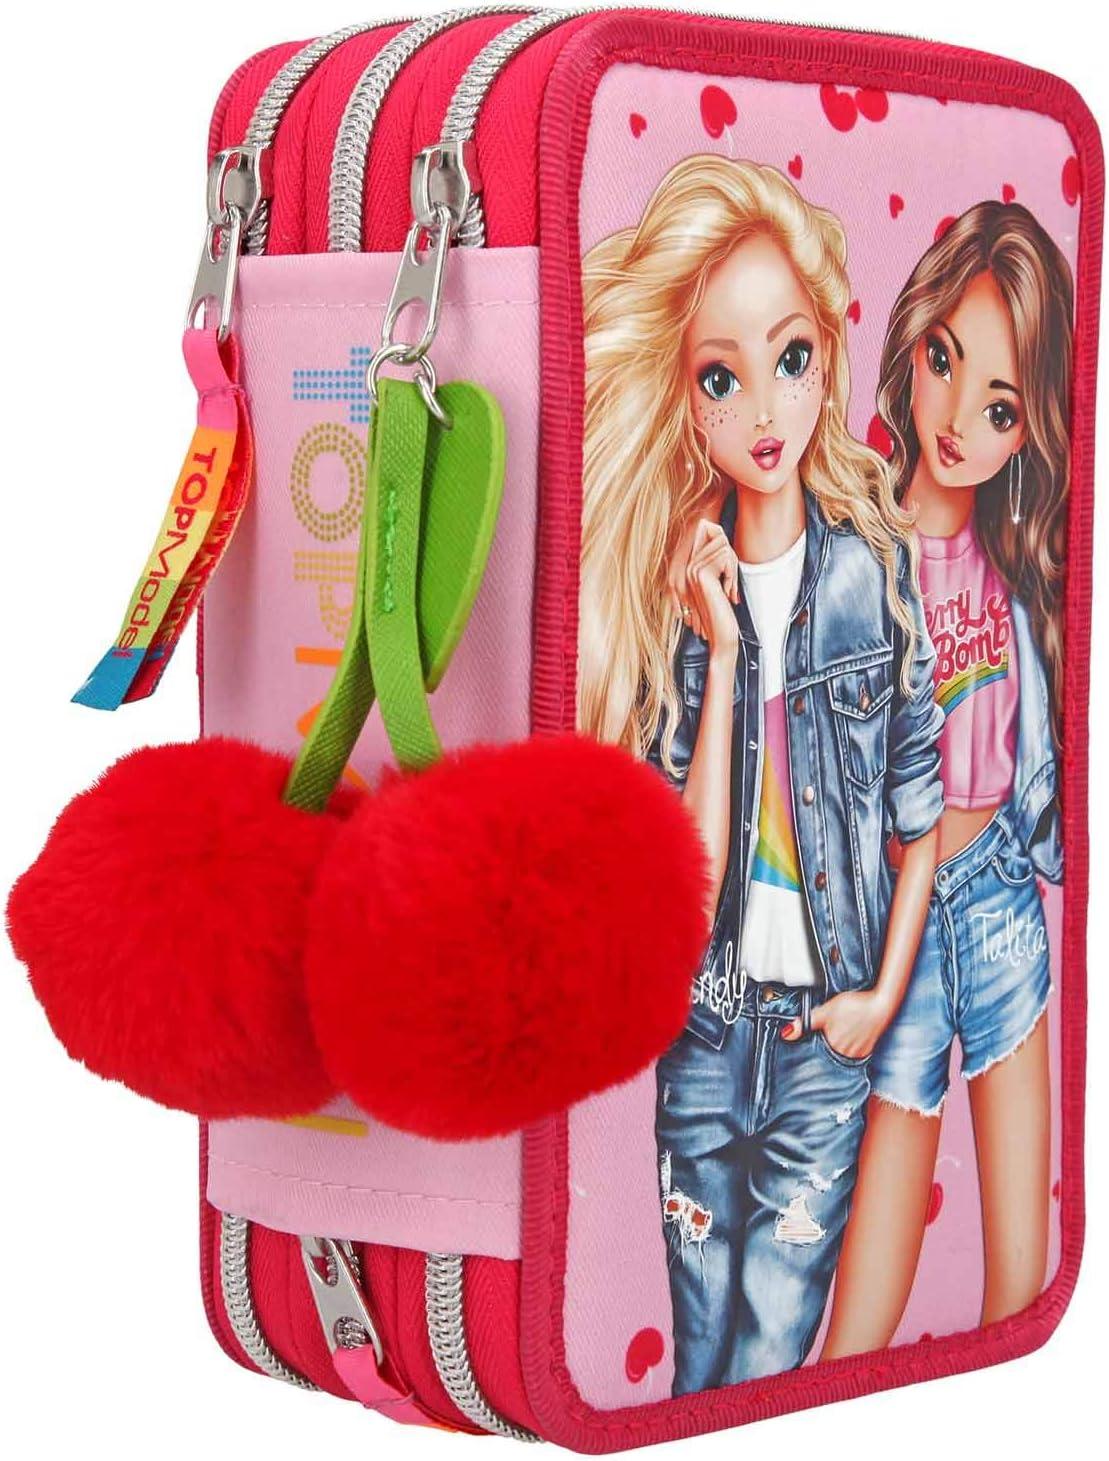 Estuche Depesche 10991 con 3 cremalleras y lápices de Lyra, topModel Cherry Bomb, rosa, aprox. 7,5 x 13 x 20 cm.: Amazon.es: Juguetes y juegos